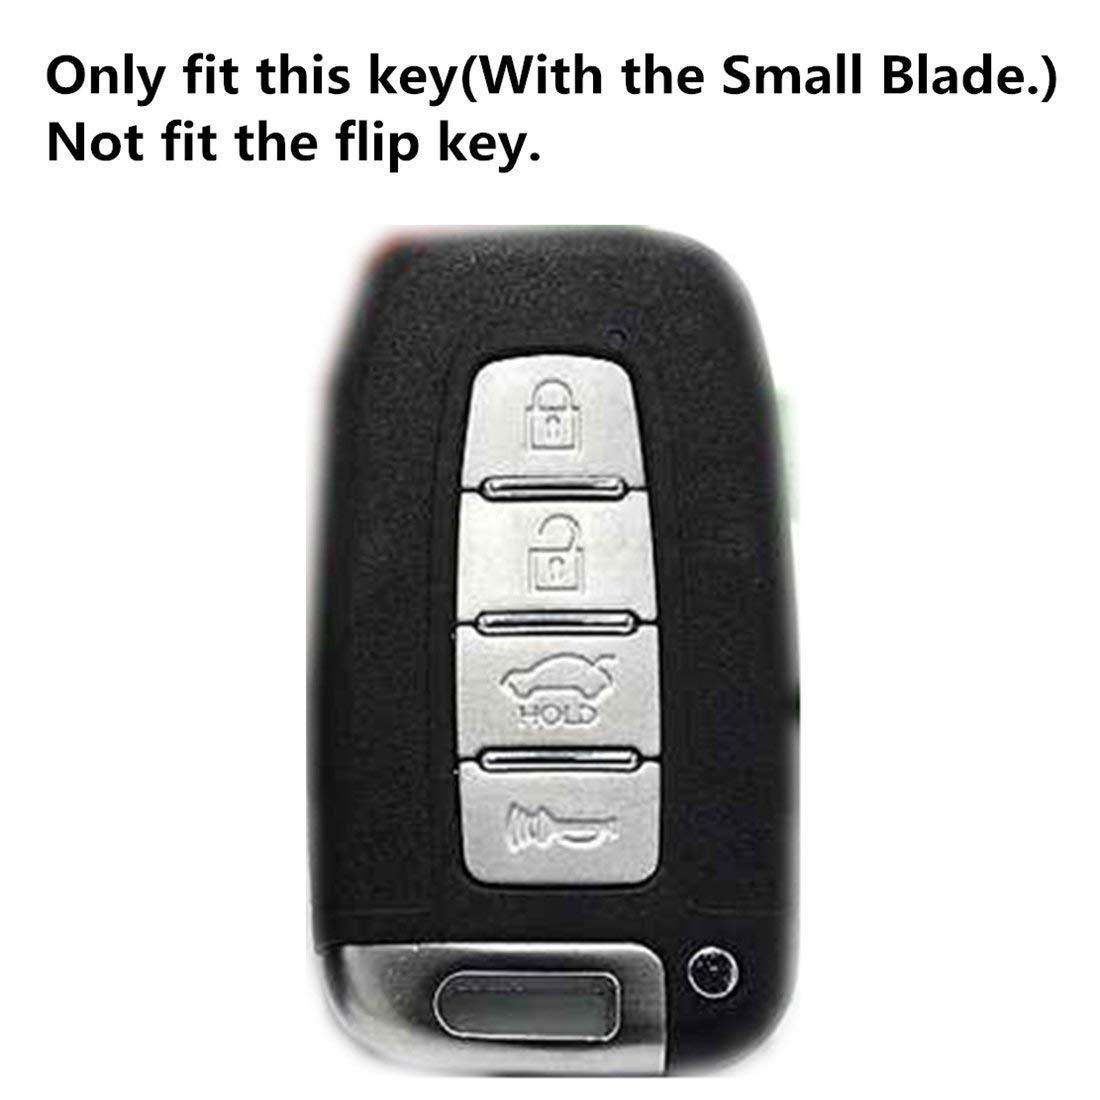 Sky Blue E-Senior 4 Buttons Silicone Car Key Case//Cover Remote Fob Key Case Cover Remote Holder Protector for Hyundai Equus Genesis Coupe Sonata Veloster